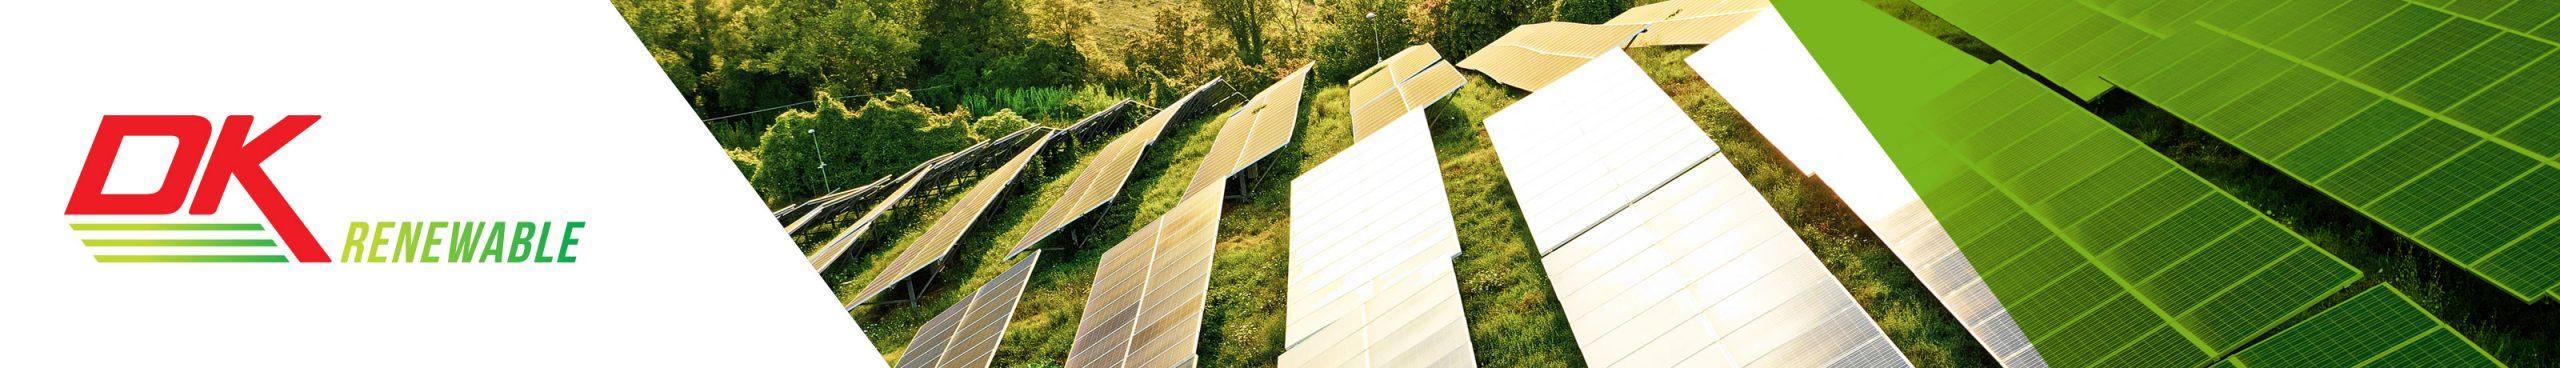 DK Renewable